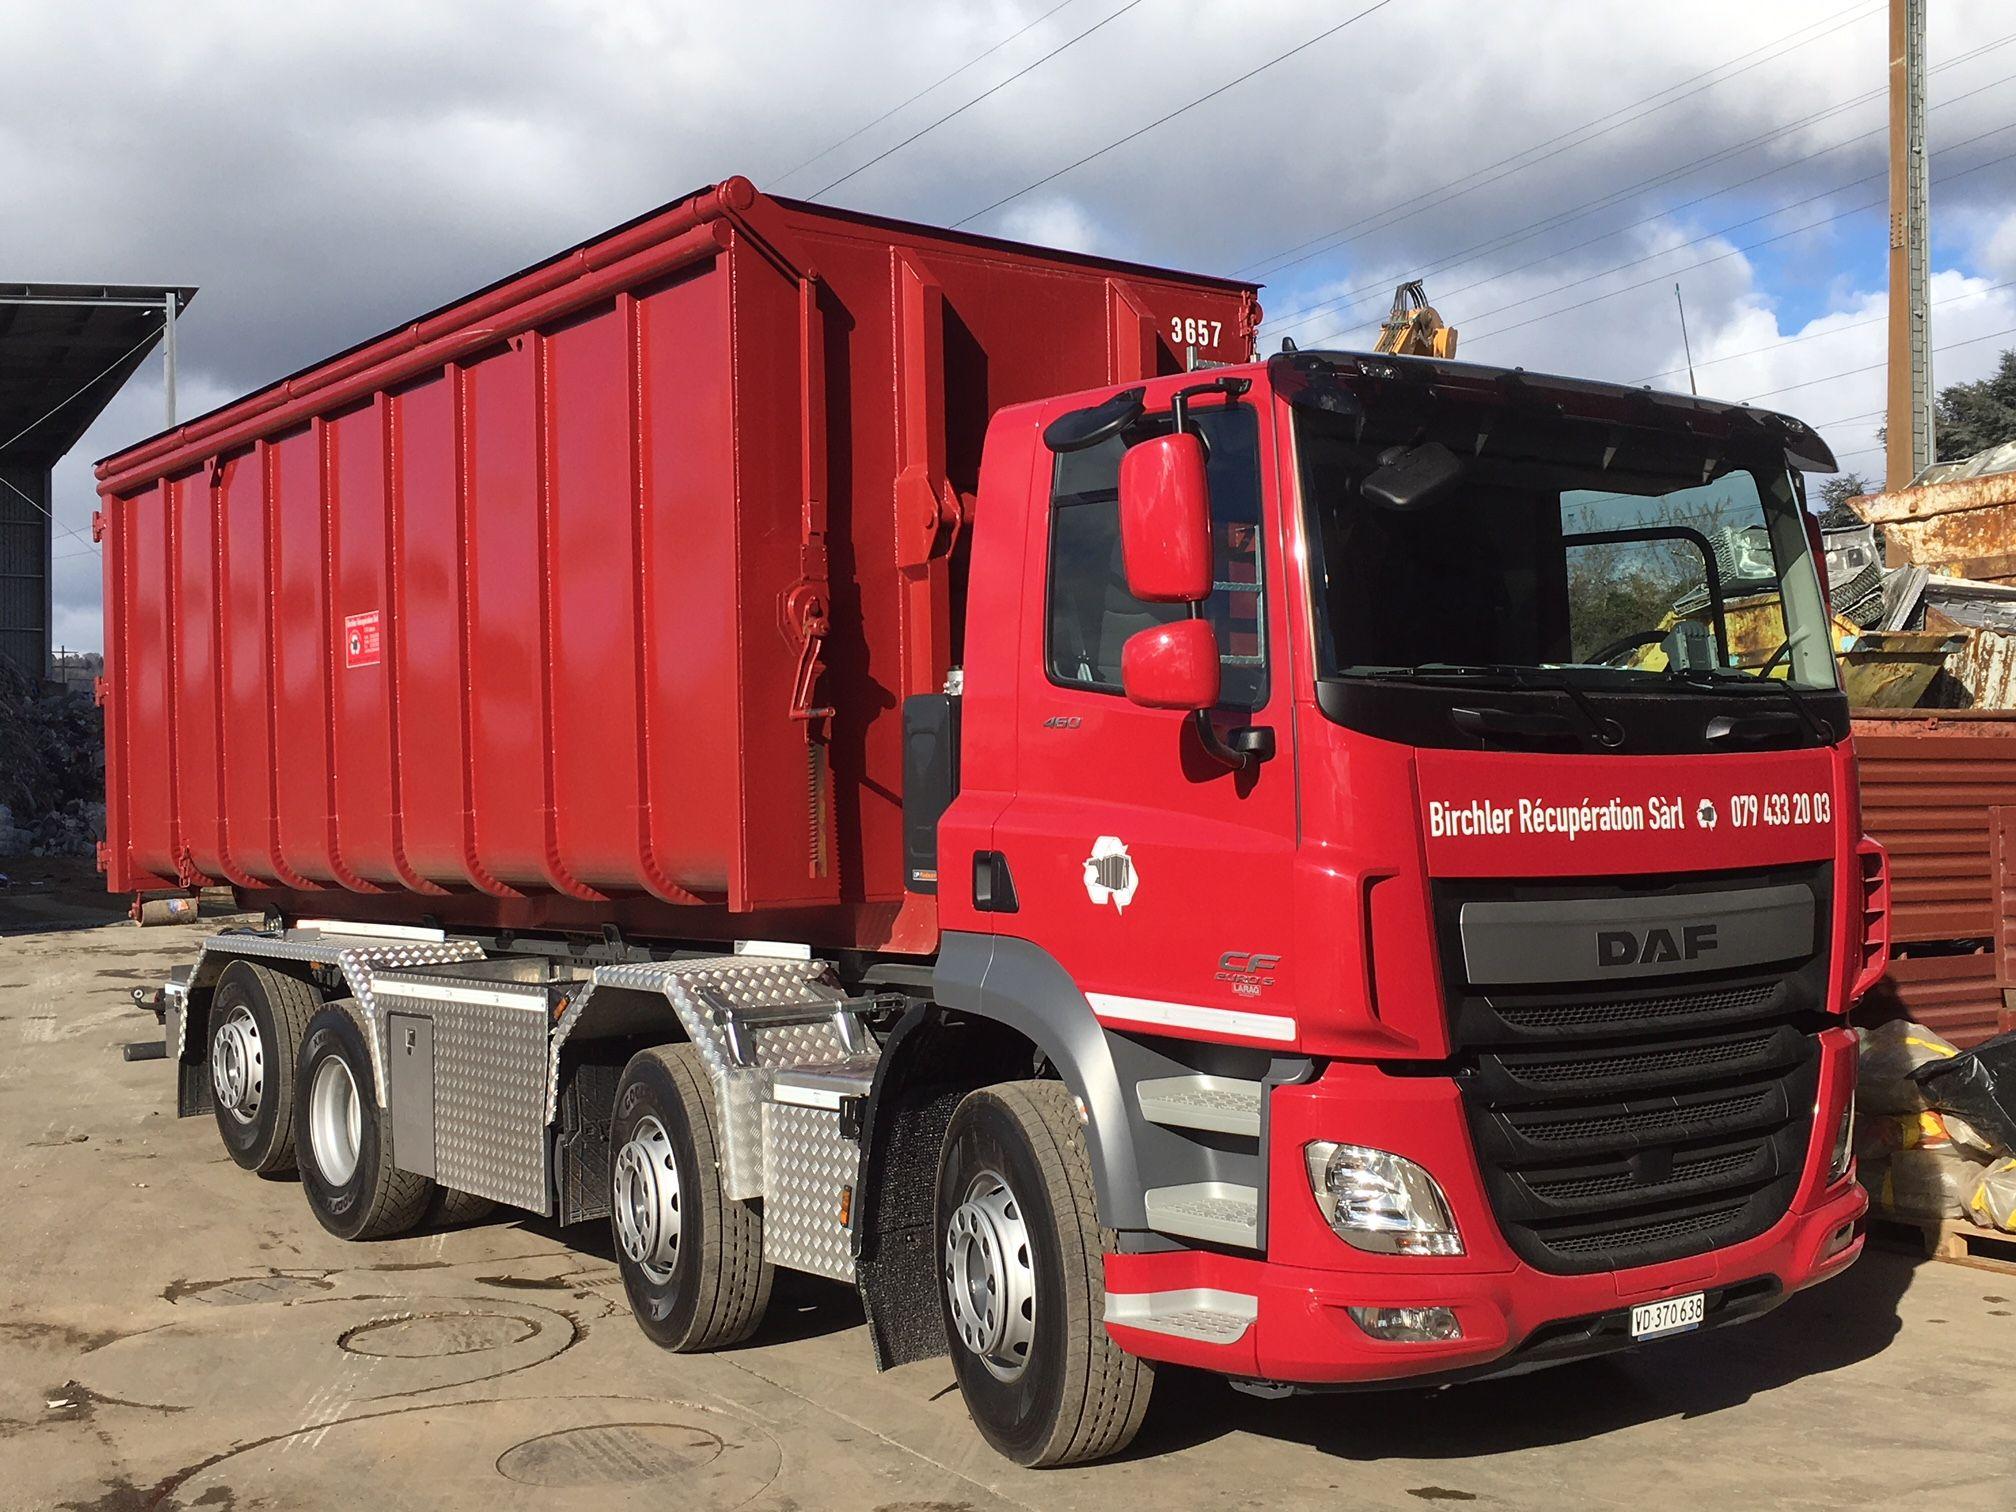 Birchler Récupération et recyclage de matériaux à Etoy